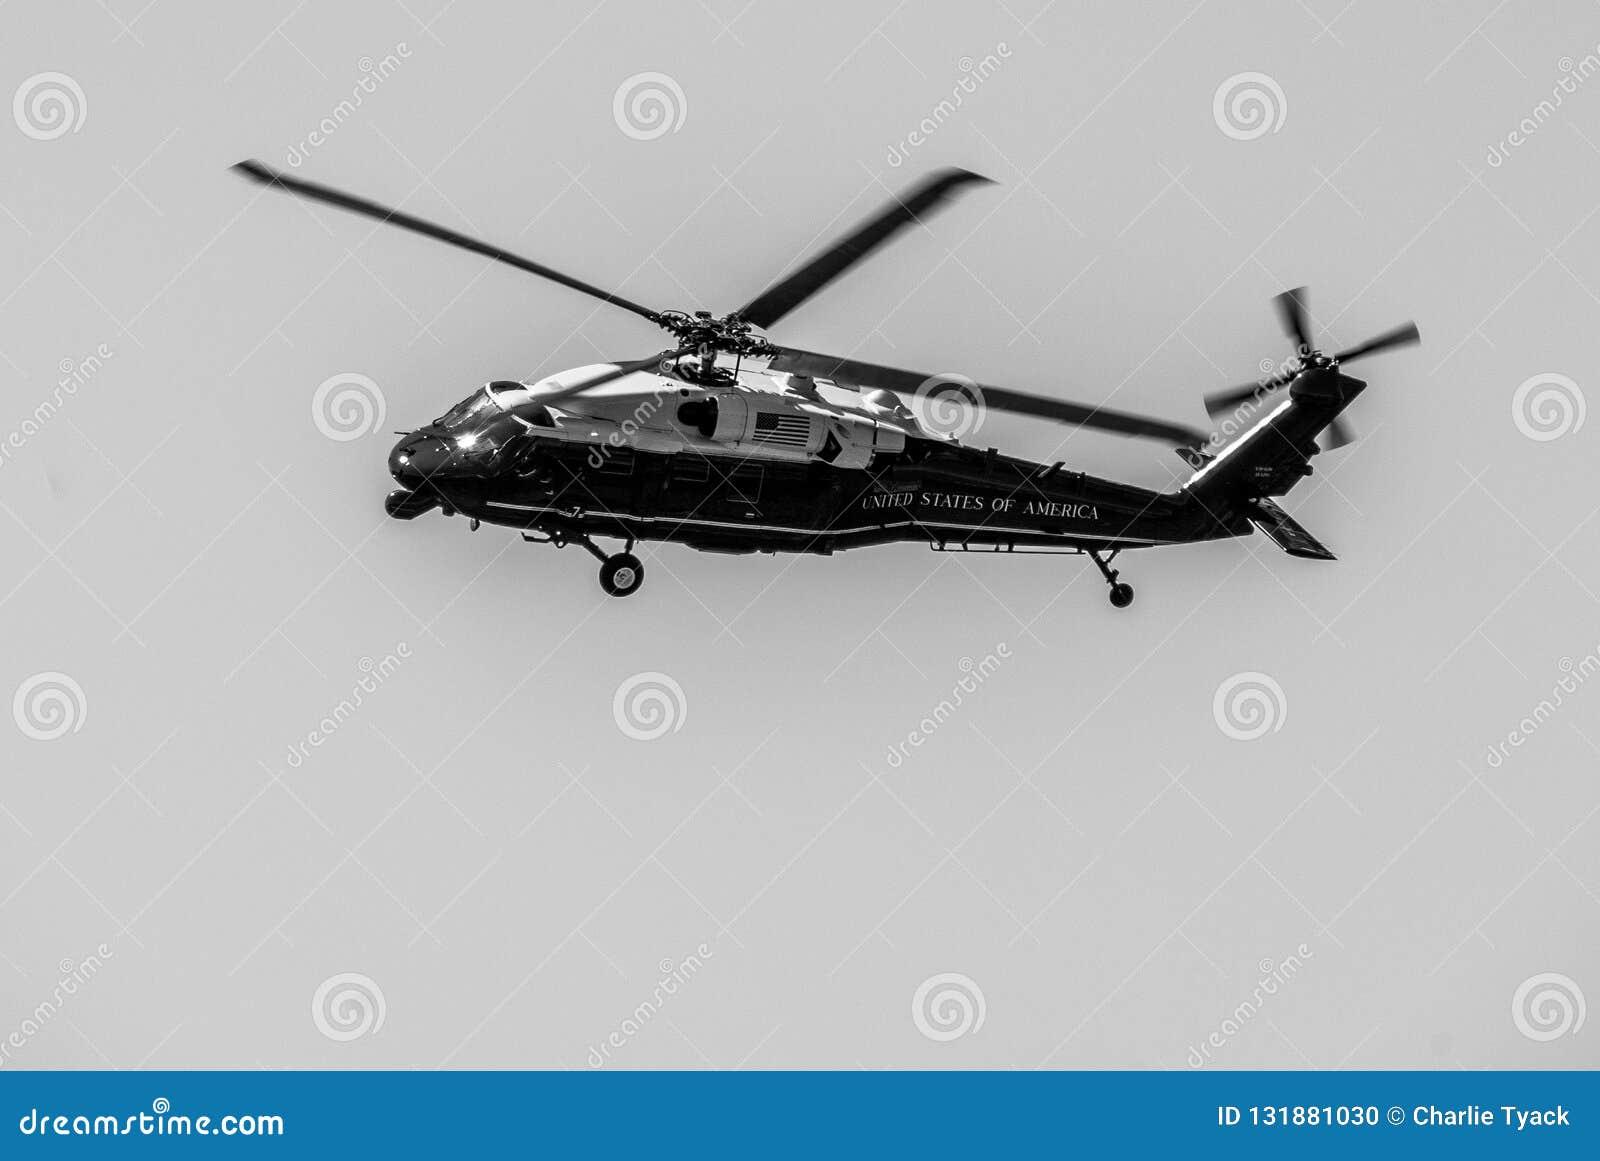 Ястреб морского пехотинца одного - президентский переход - VH-60N белый